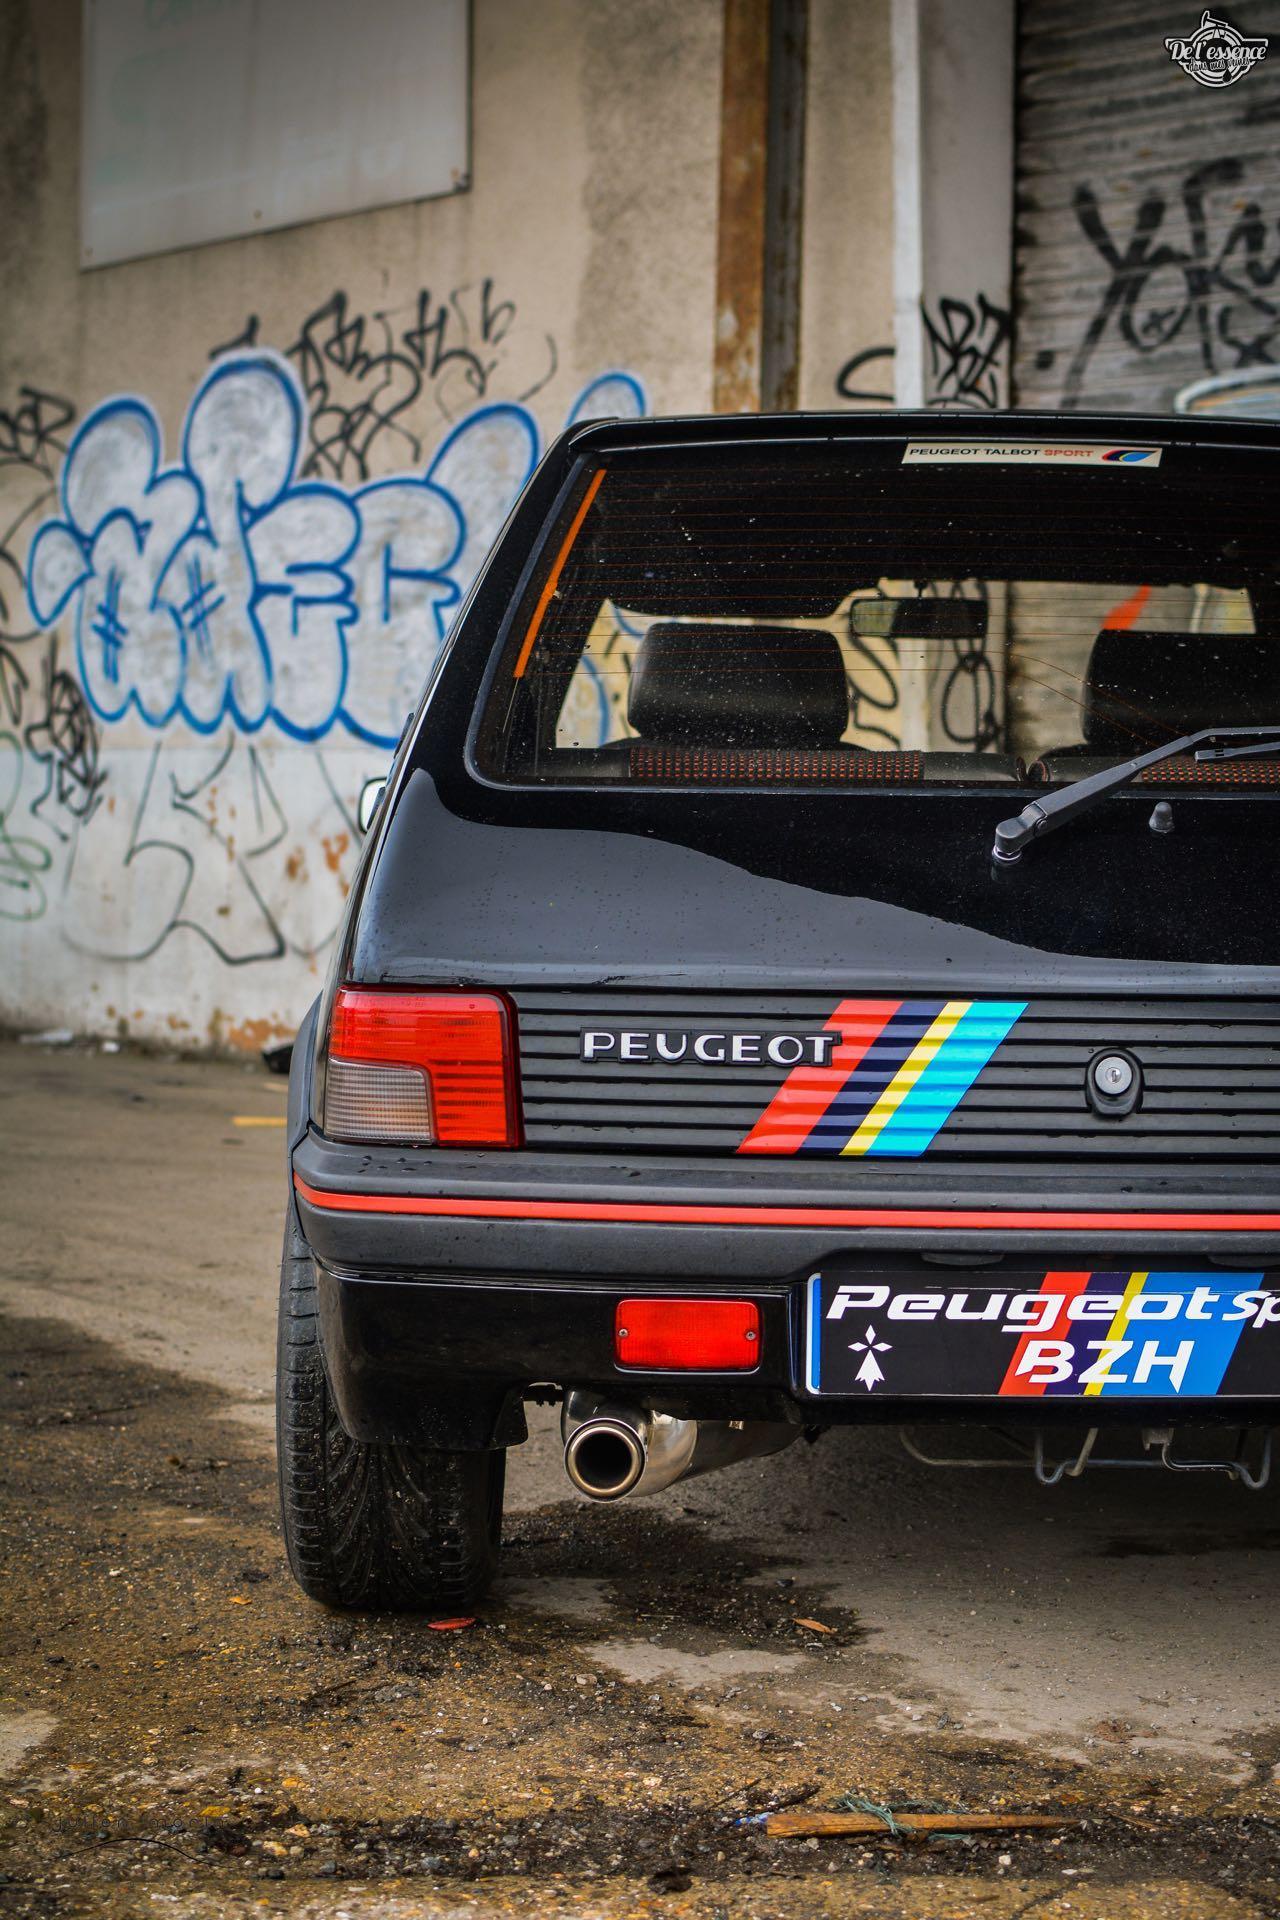 Peugeot 205 Gti de Florent... Le bonheur ? C'est pas compliqué ! 12